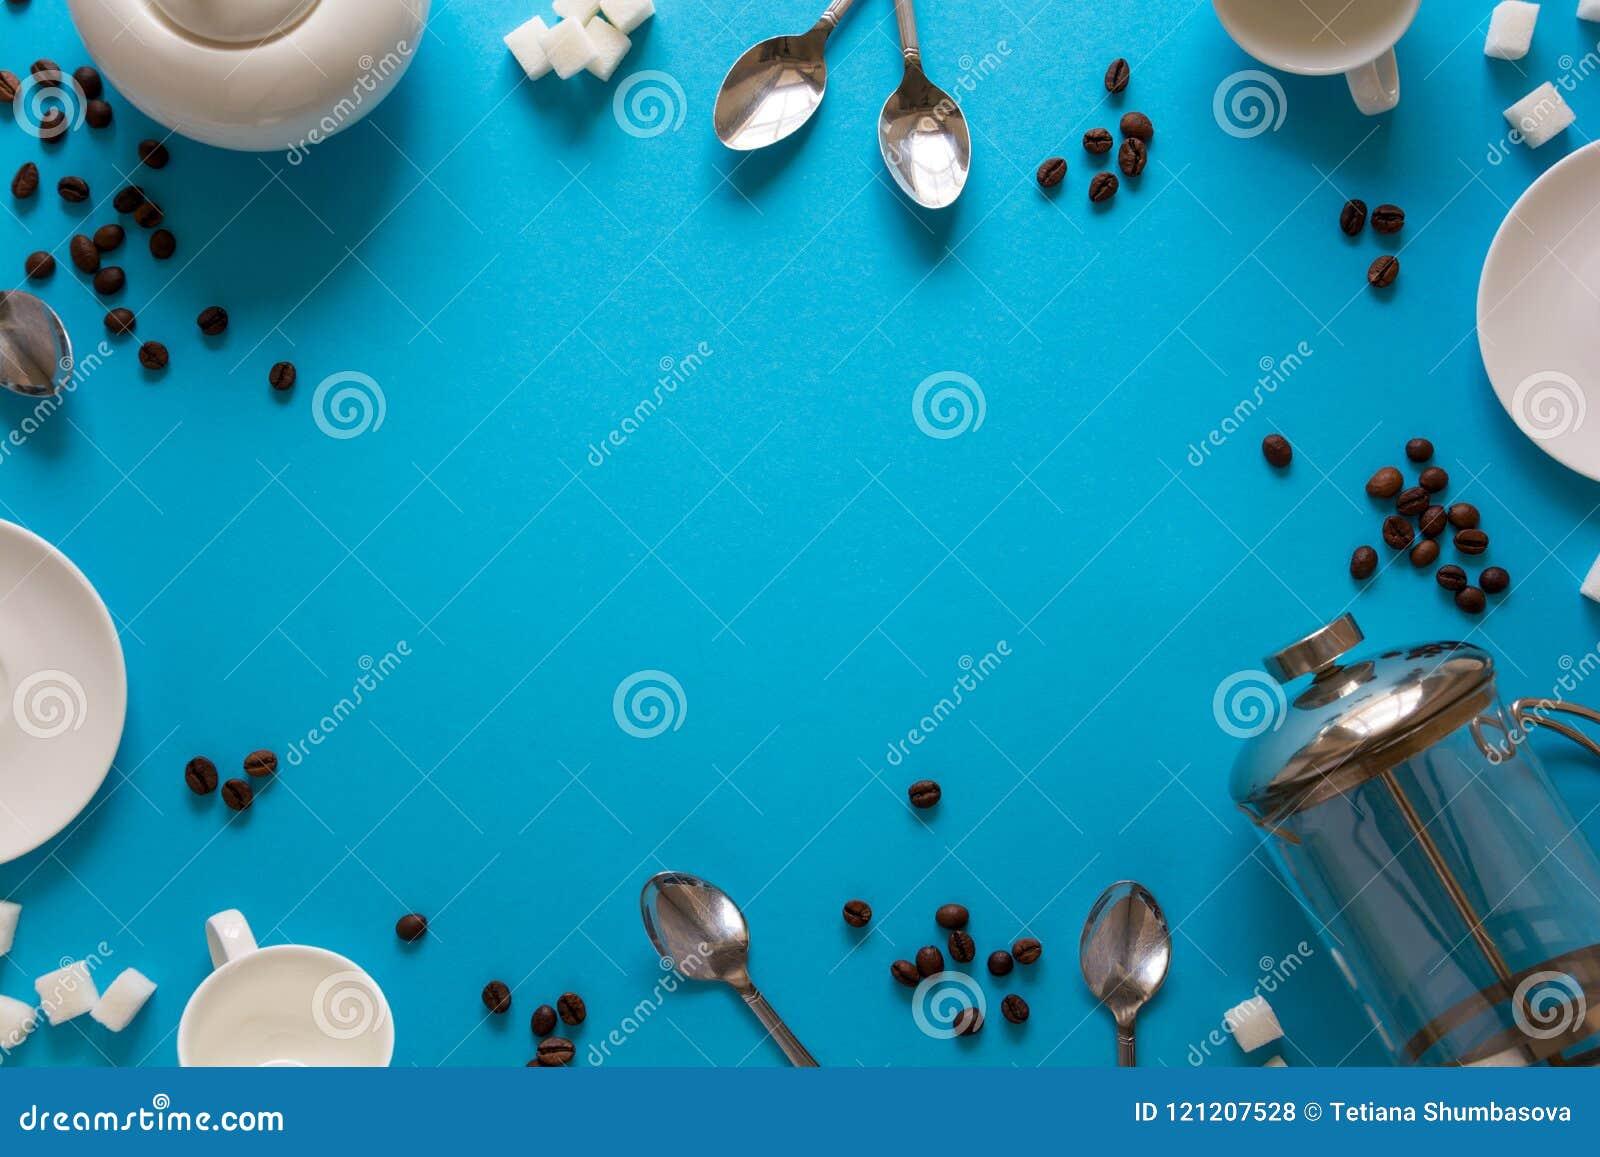 Divers accessoires à café : Presse de café, tasses, soucoupes, grains de café, cuillères et sucre français sur le fond de papier